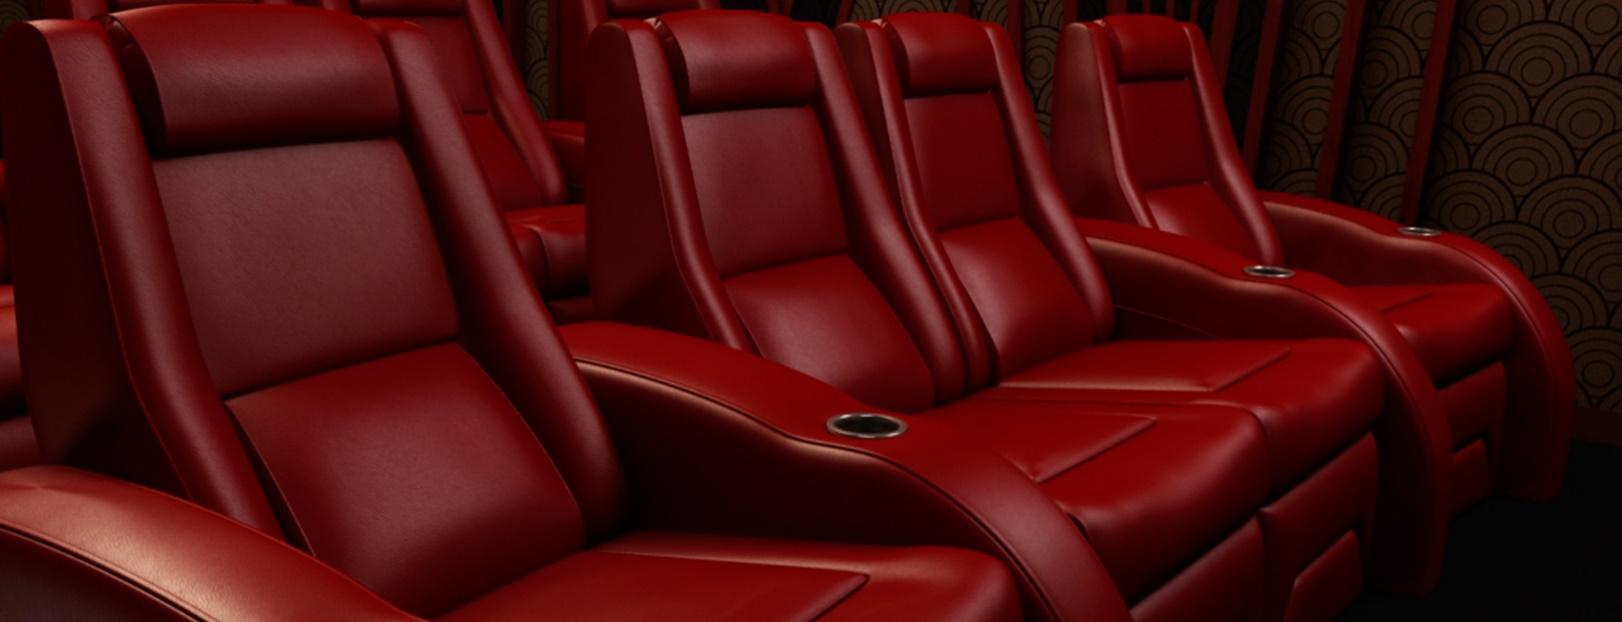 İstanbul'da sevgili koltuğu olan sinemaları sizler için listeledik